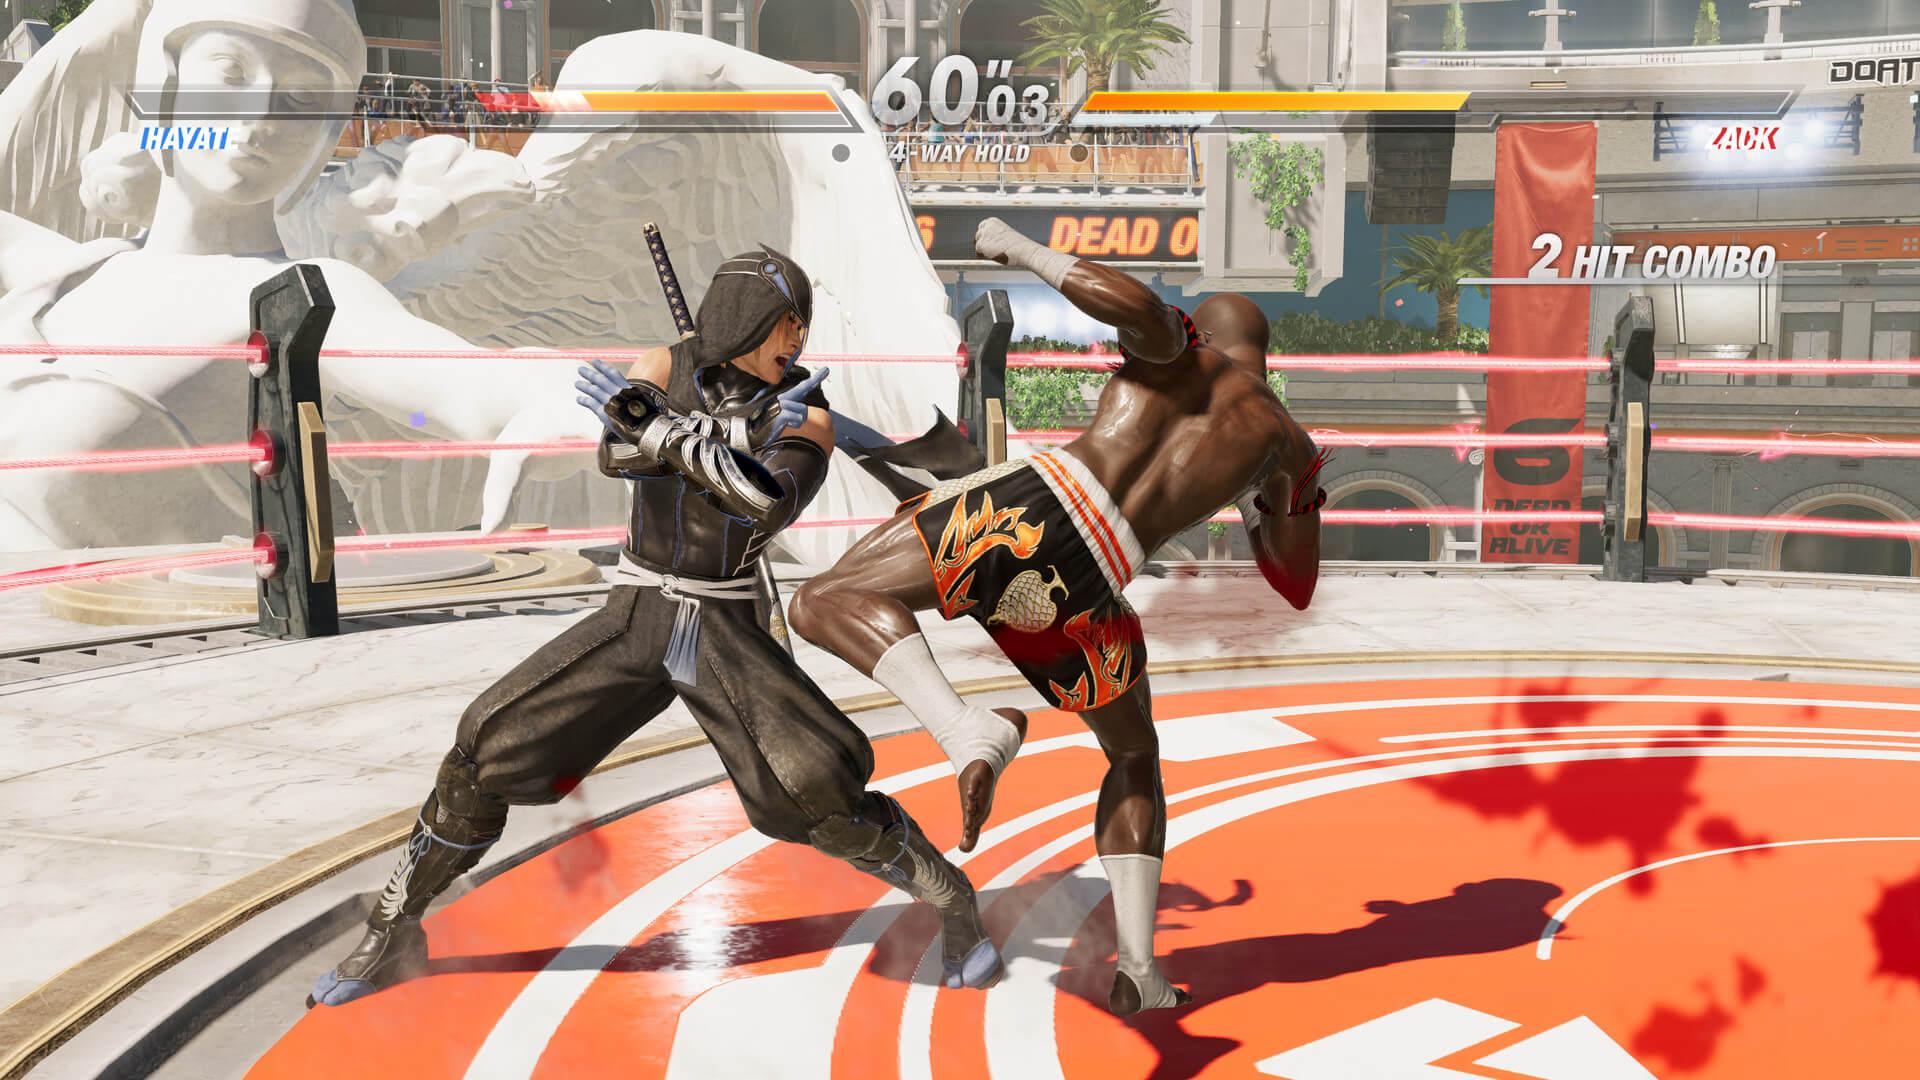 Скриншот из игры Dead or Alive 6